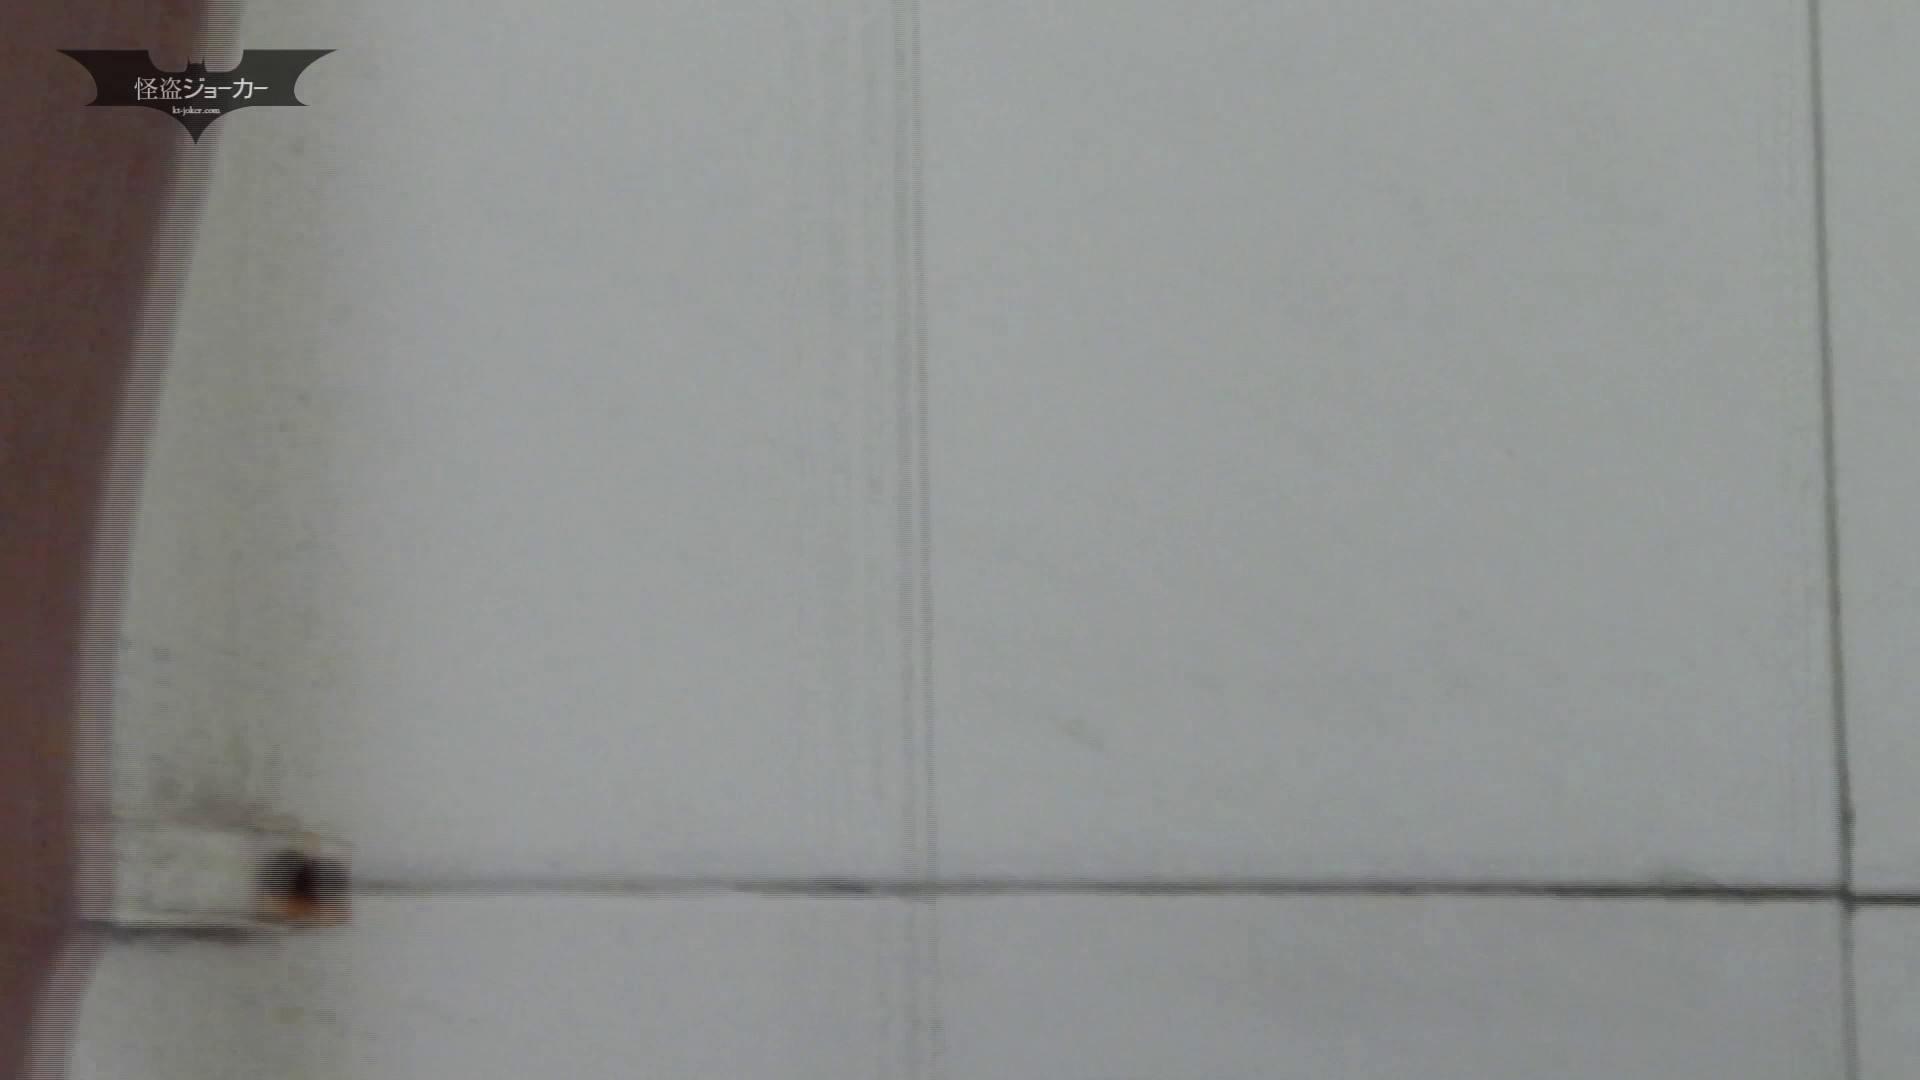 下からノゾム vol.032 走って追跡、そして、カメラ見られ大ピンチ OLの実態   追跡  98pic 19